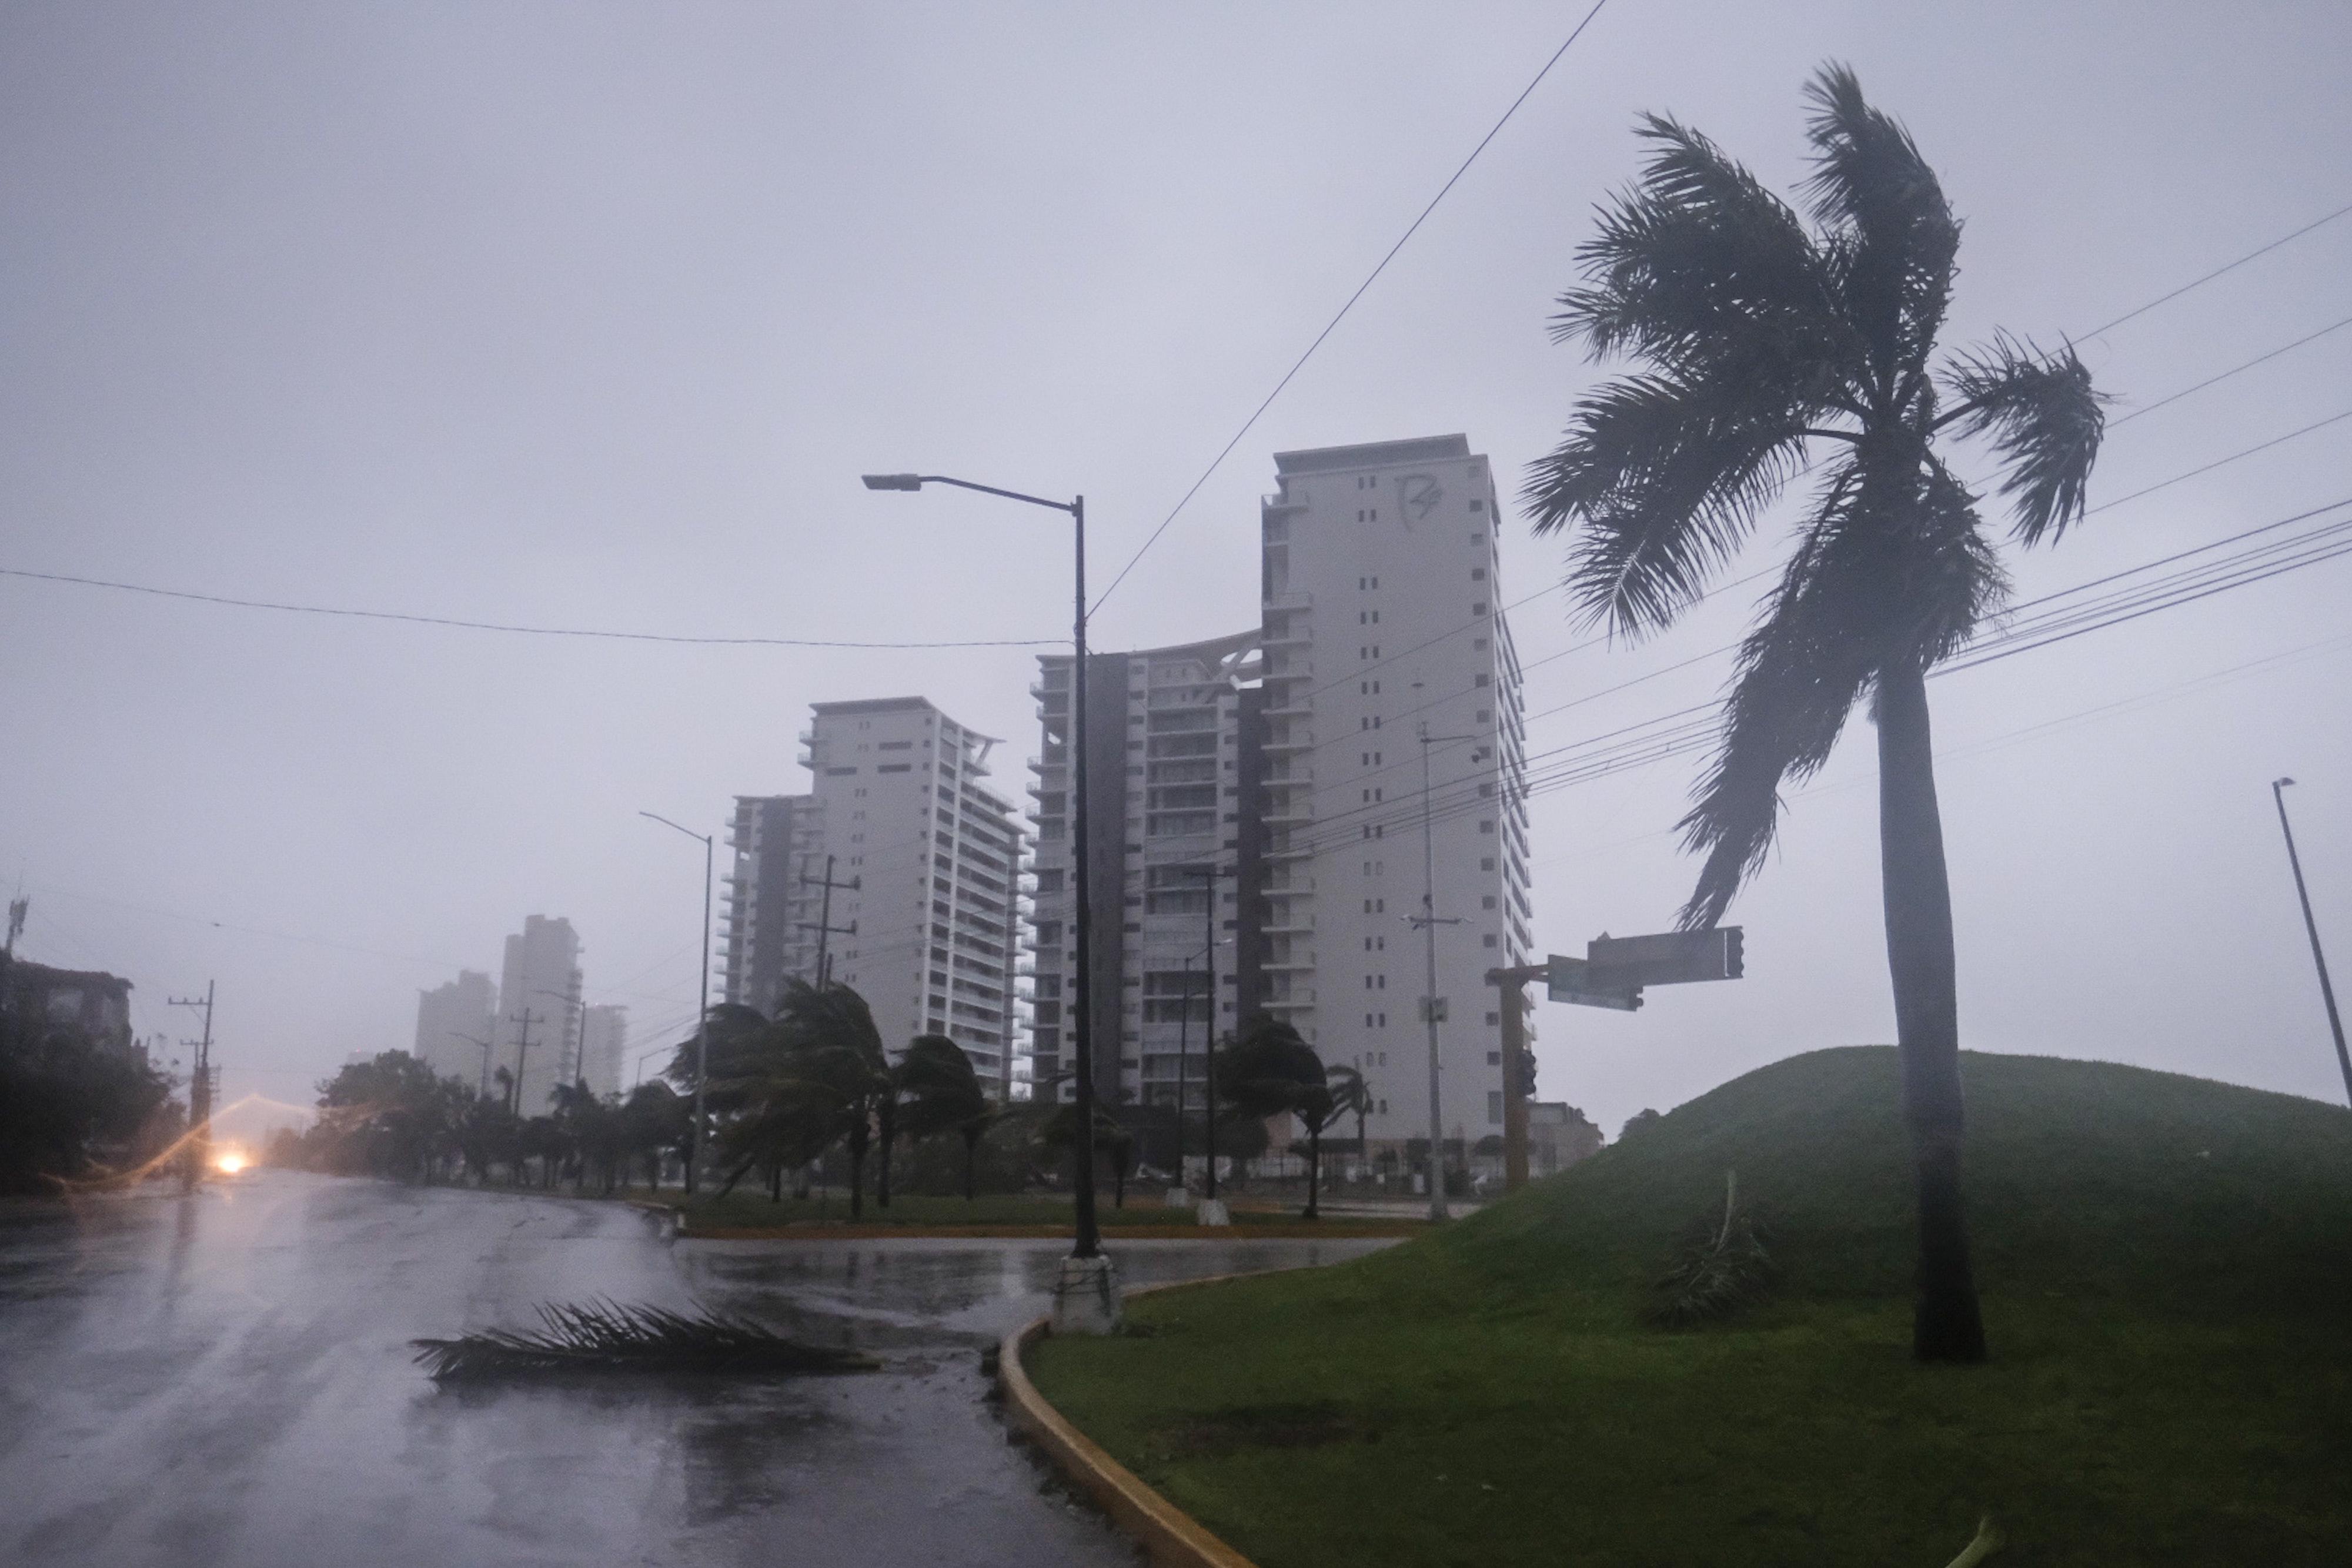 Una vista de una calle inundada en Cancún, México, el miércoles 7 de octubre de 2020.